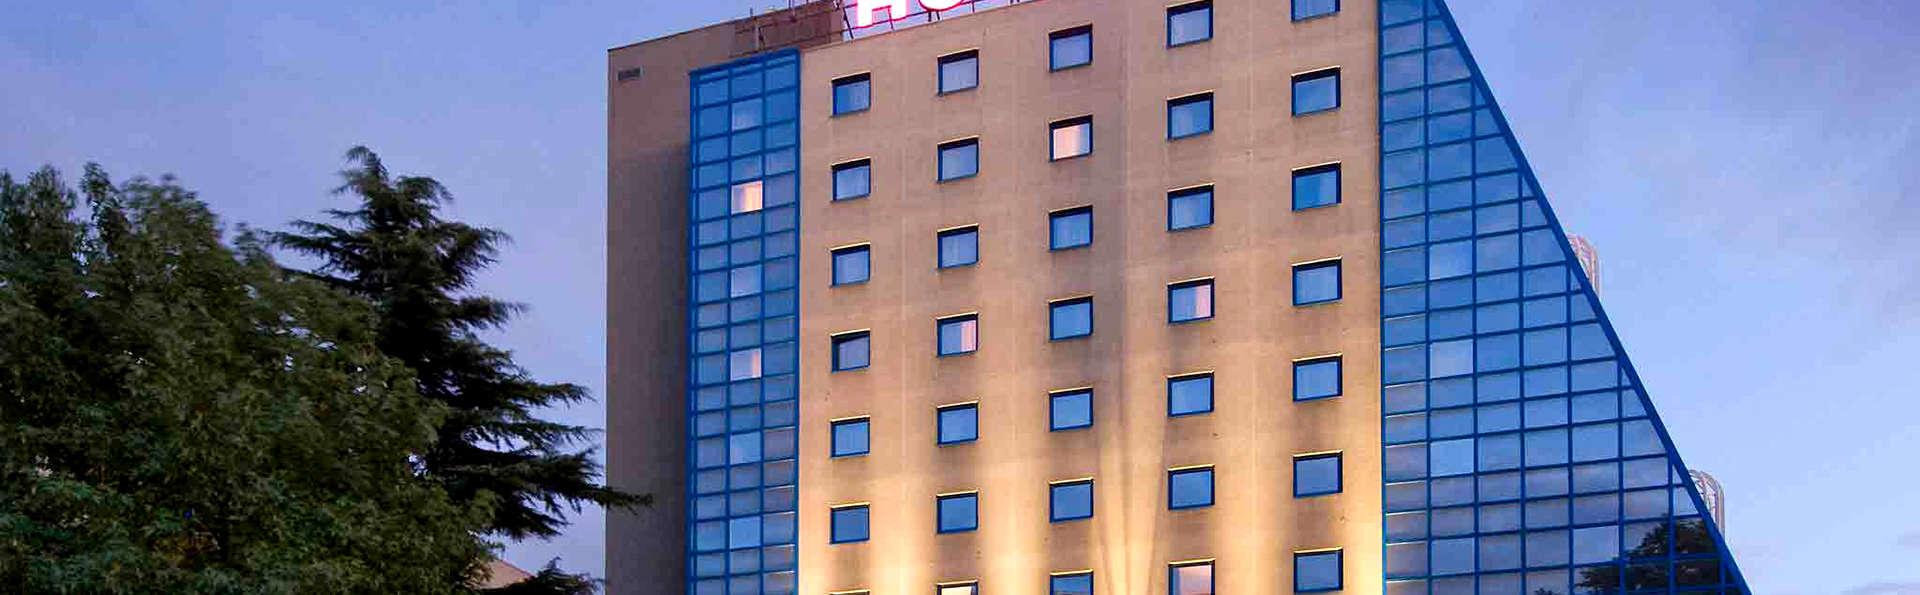 Hotel Mercure Paris Porte de Pantin - Edit_Front.jpg